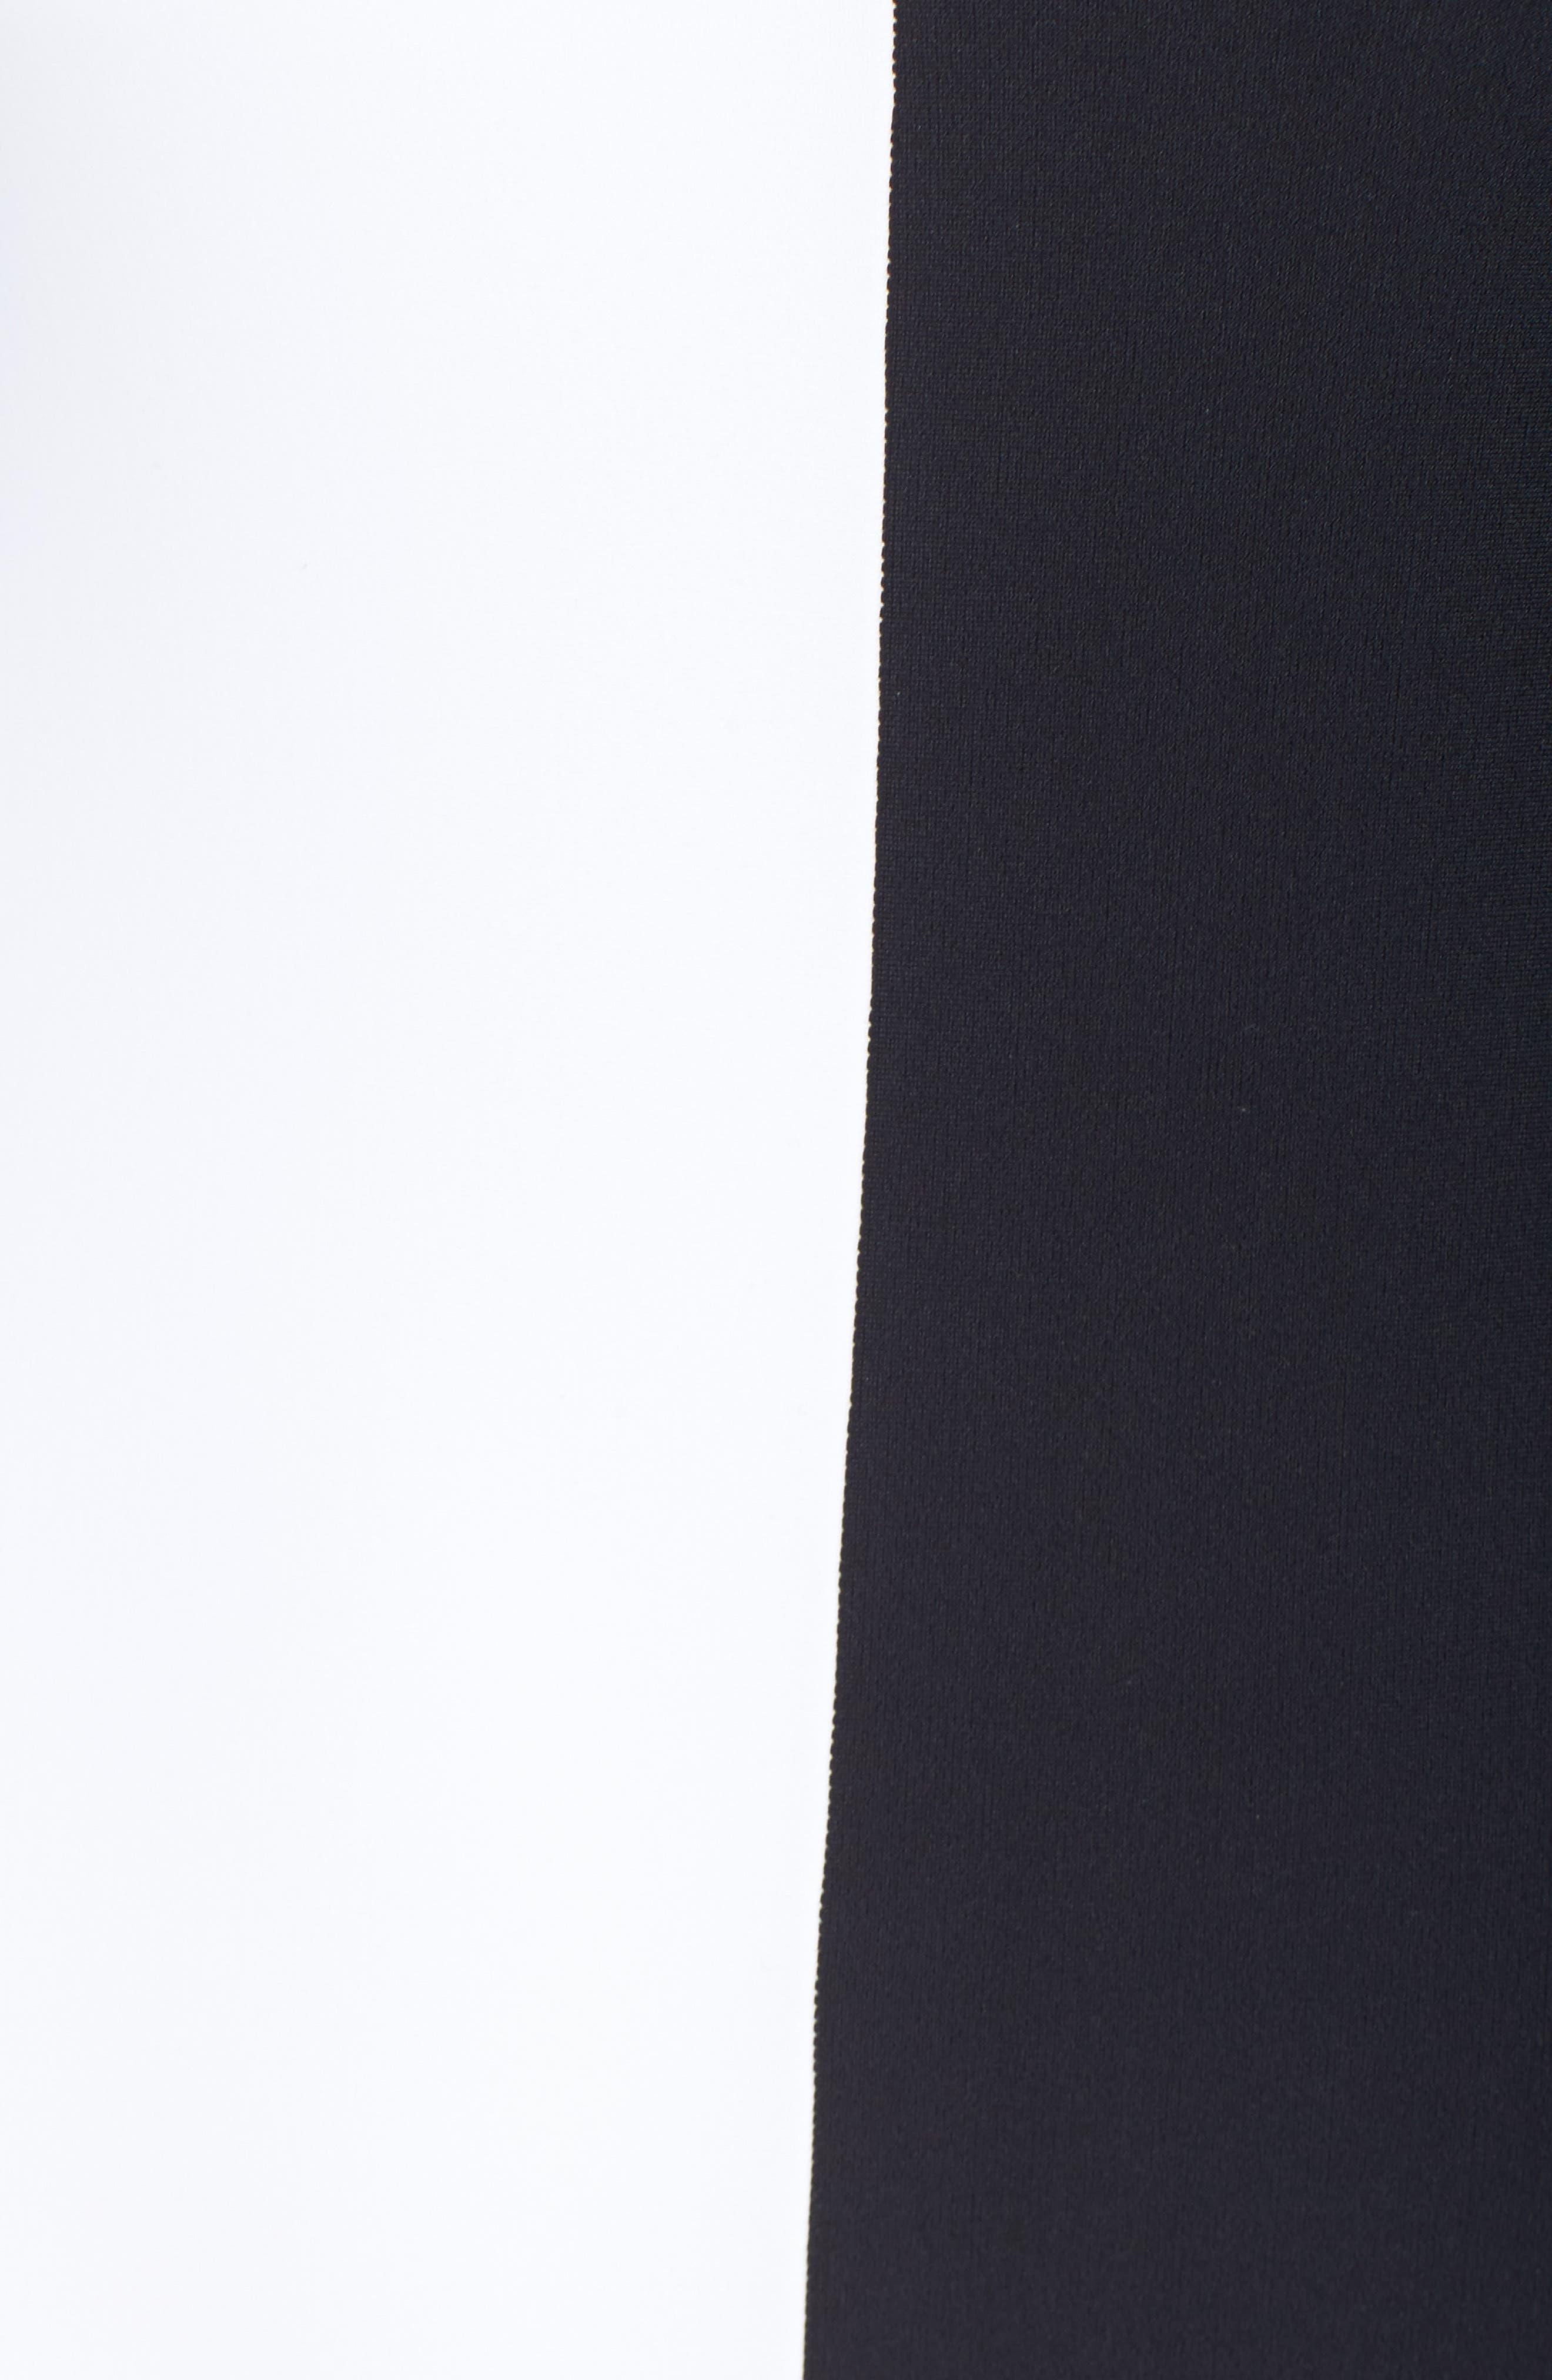 Farrah One-Piece Swimsuit,                             Alternate thumbnail 5, color,                             001